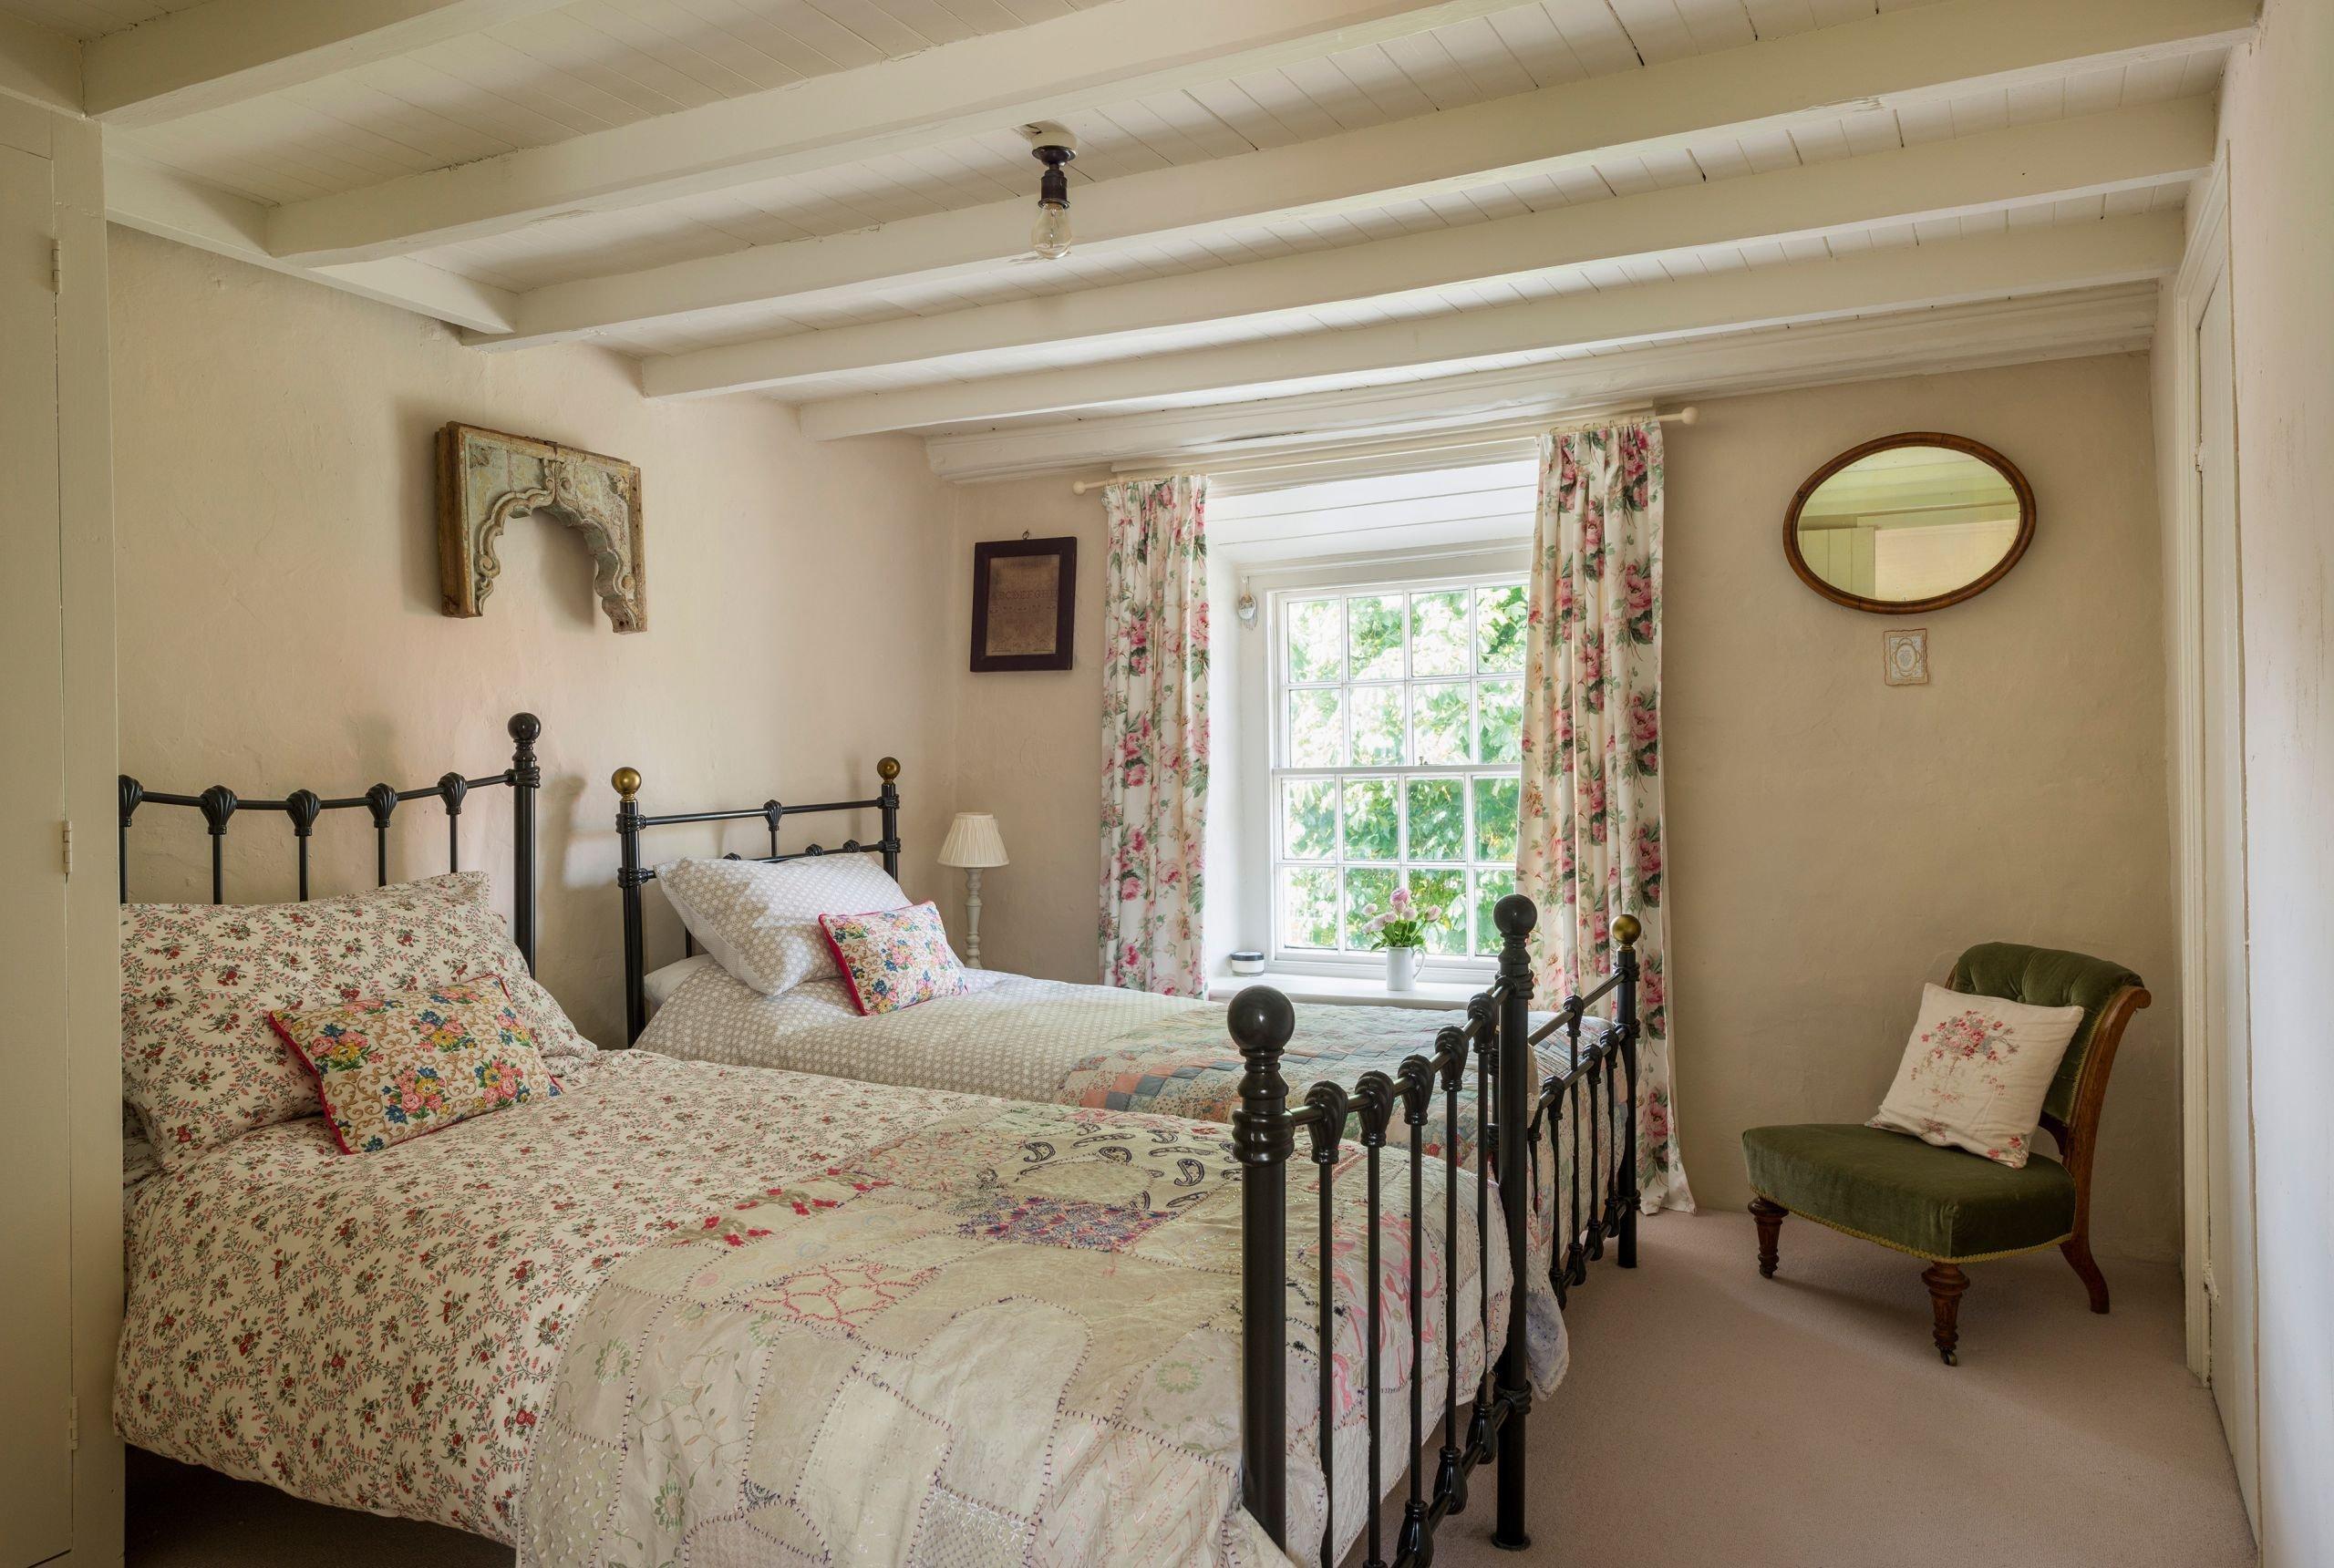 Největší hrabství ve Velké Británii, Severní Yorkhsire, v sobě ukrývá nespočet půvabných historických budov. Jednou z nich je i nově zrekonstruovaná chalupa, která se rozkládá přímo v náruči zdejšího národního parku. Pochází ze 17. století a je typickou ukázkou interiérů ve stylu anglického venkova.